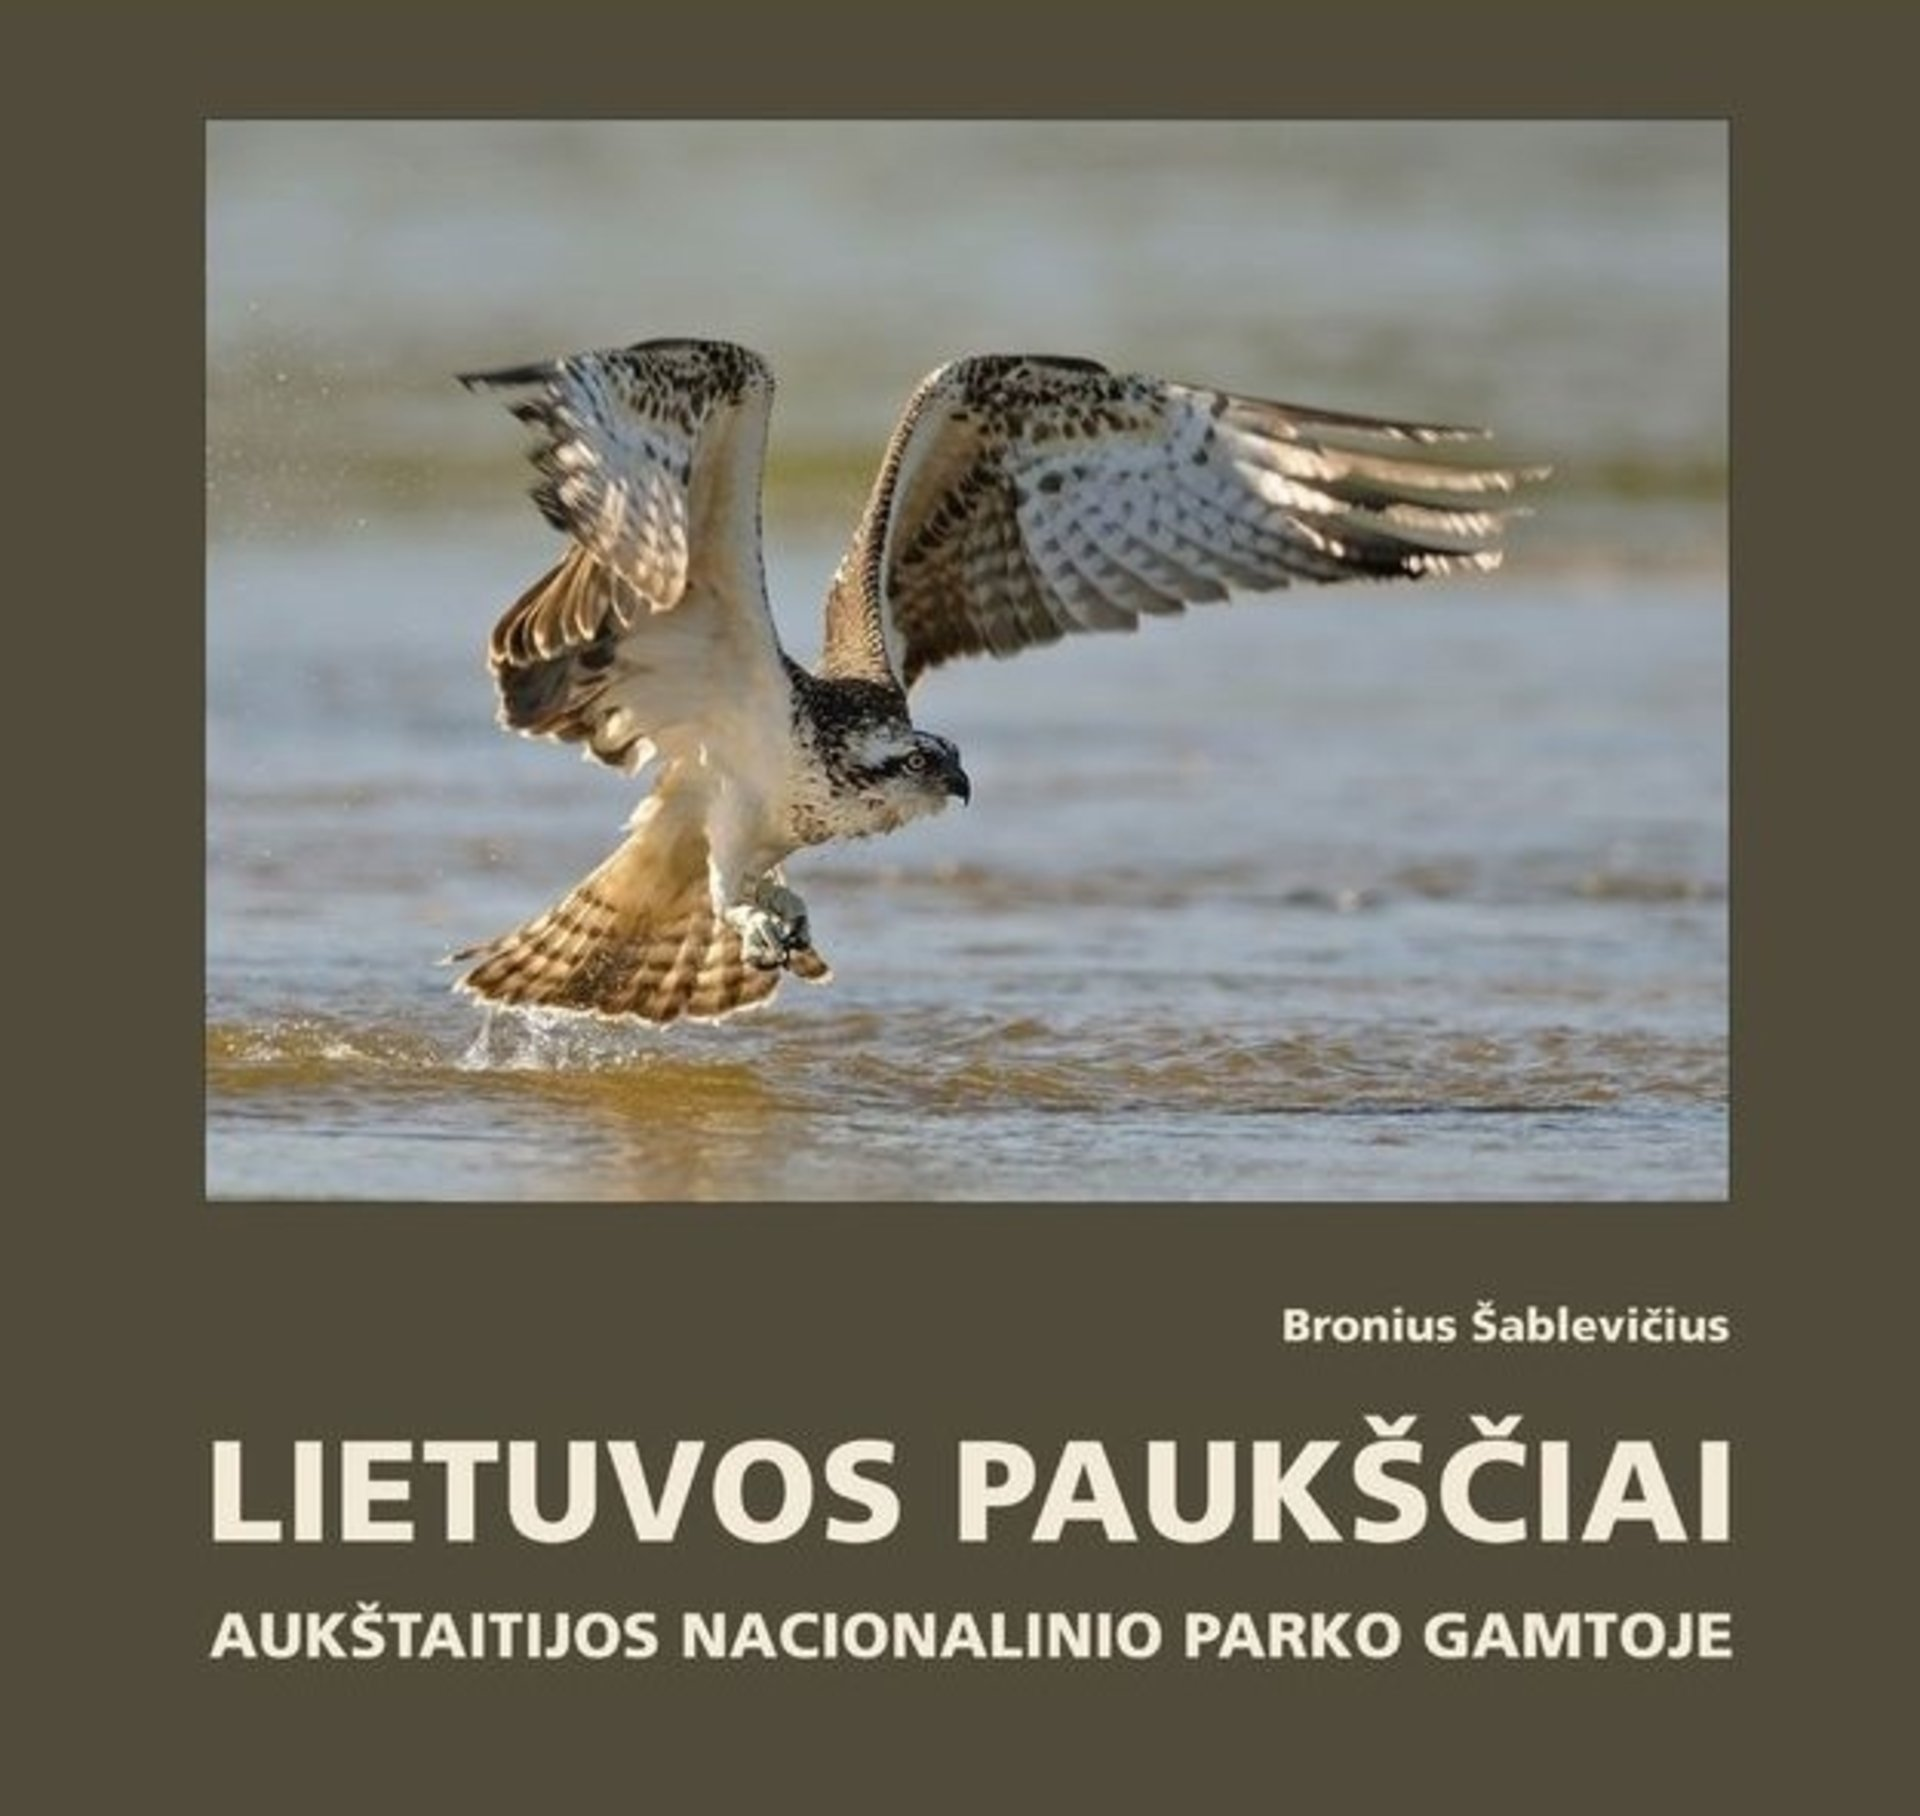 Lietuvos paukščiai Aukštaitijos nacionalinio parko gamtoje